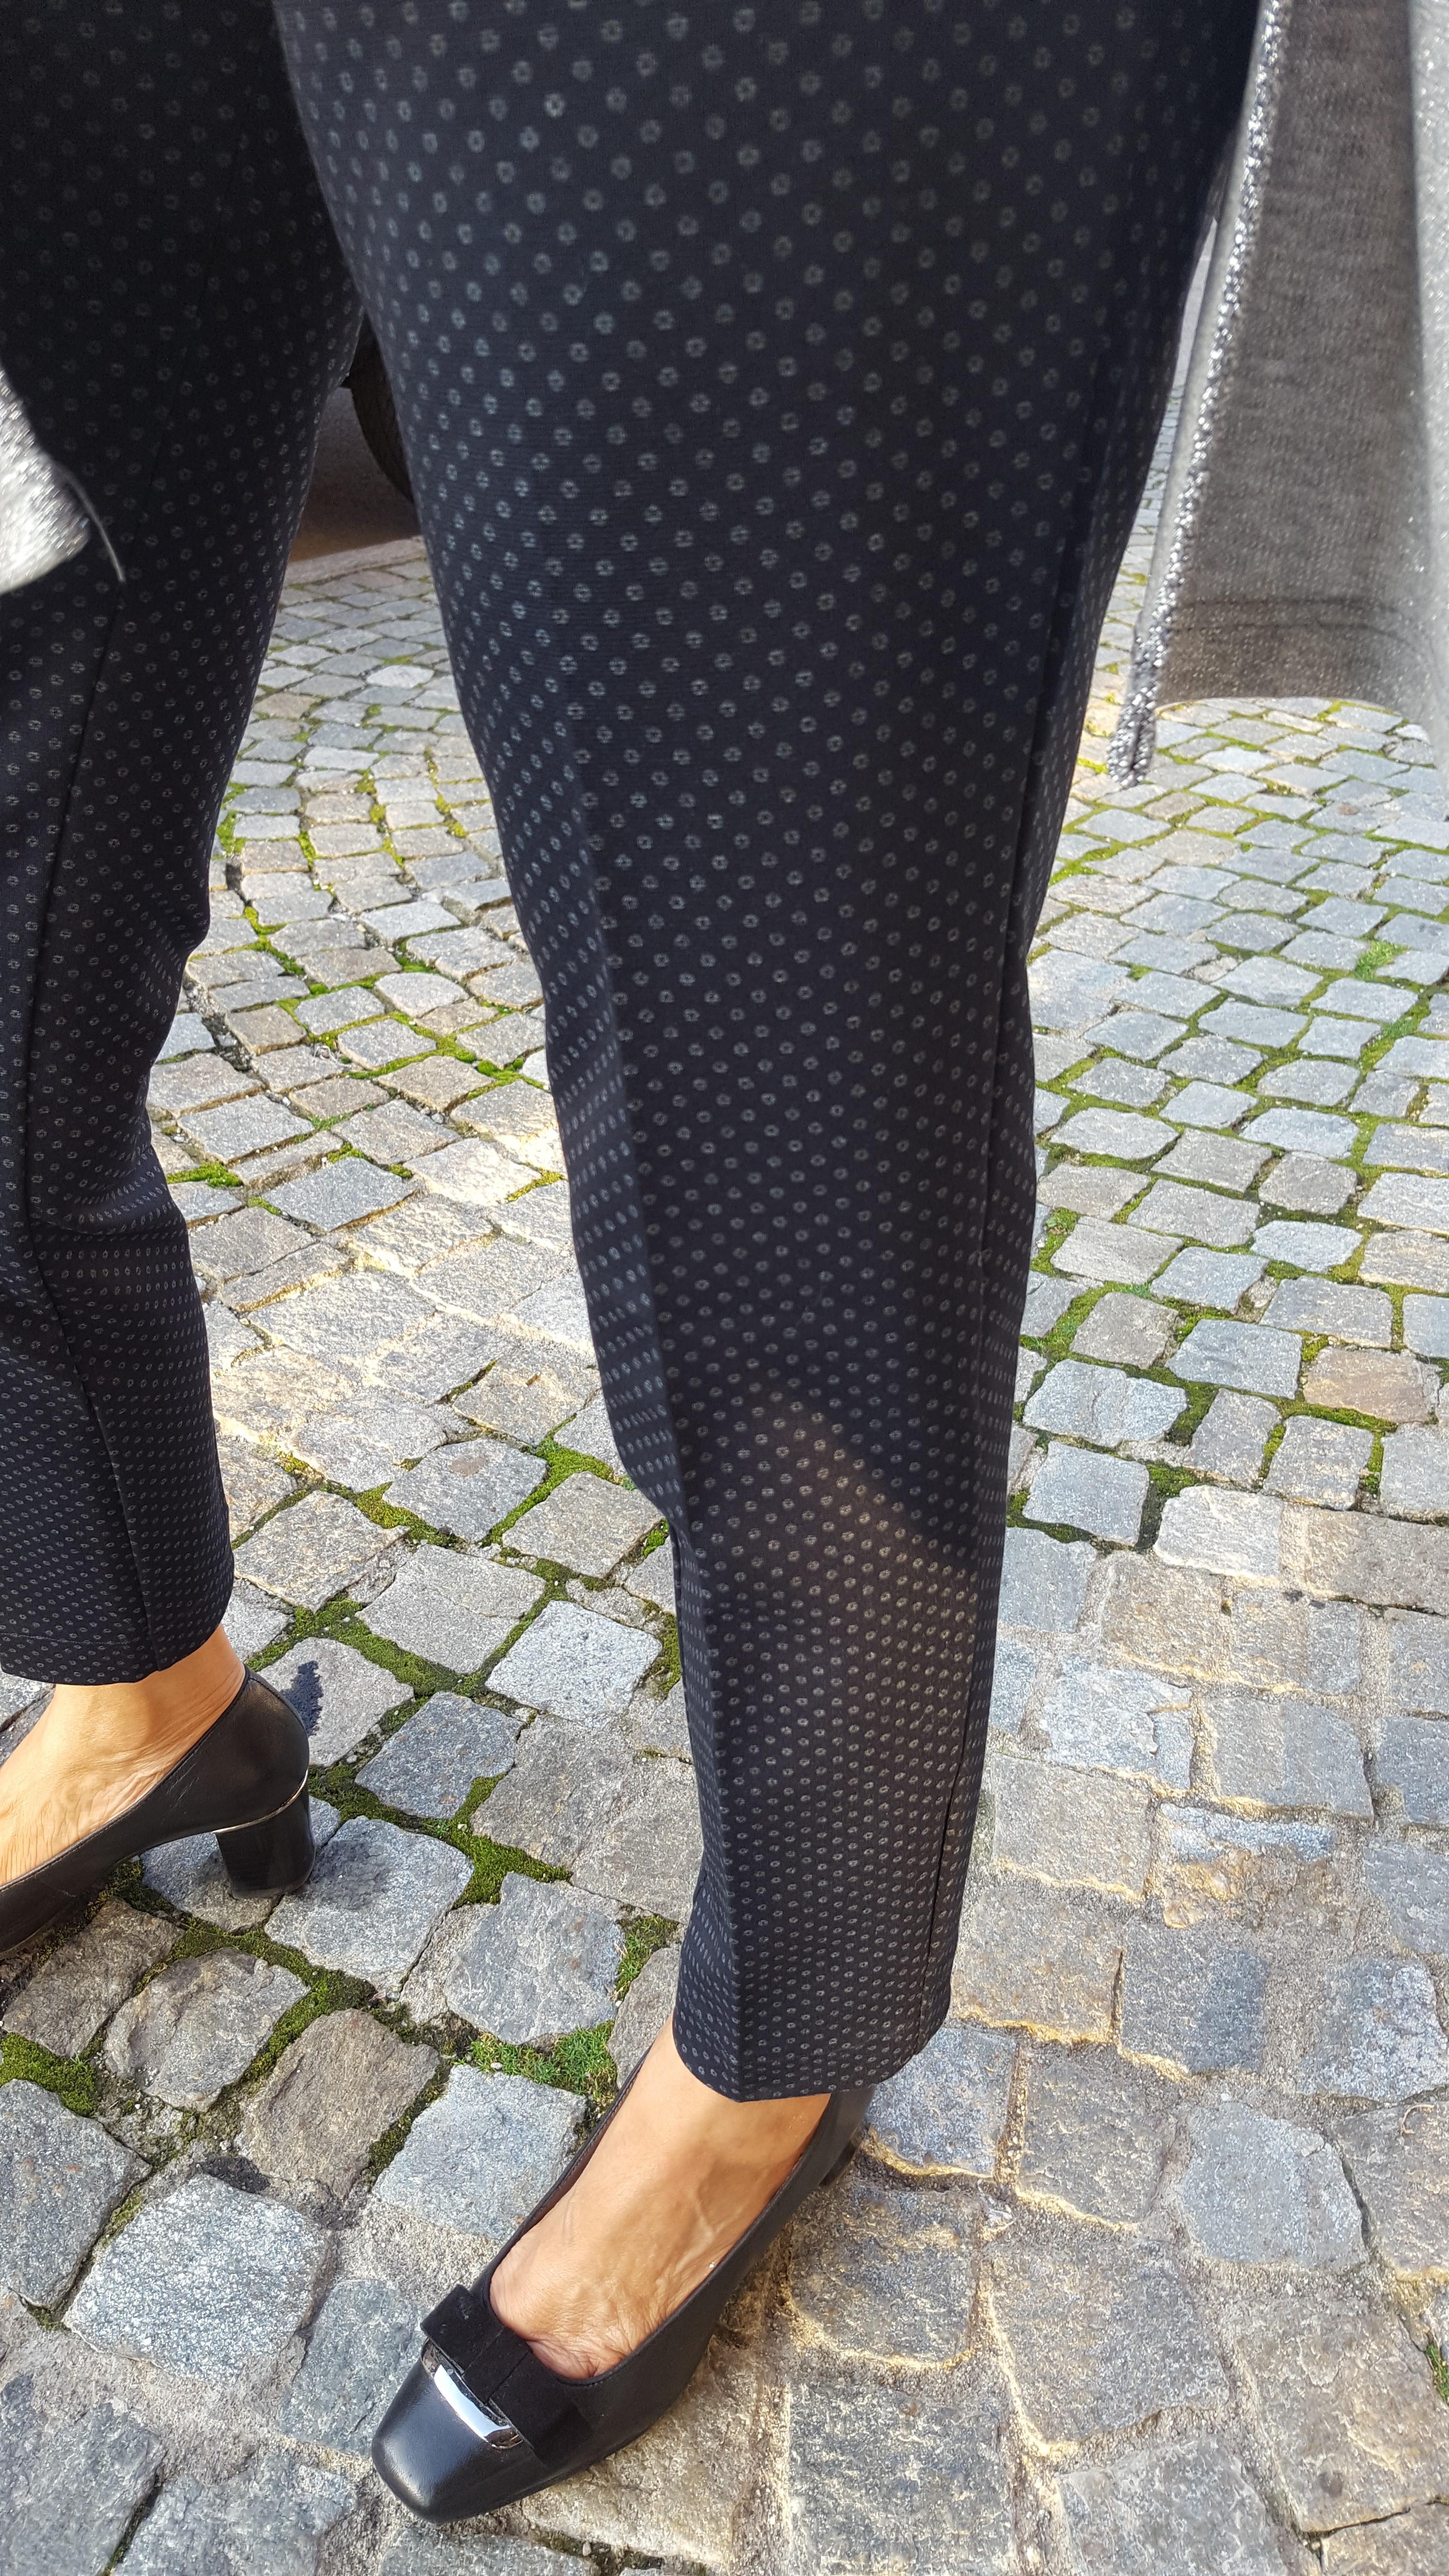 salvare db1f8 927c5 Pantaloni Ragno in micro fantasia – Festa Mario